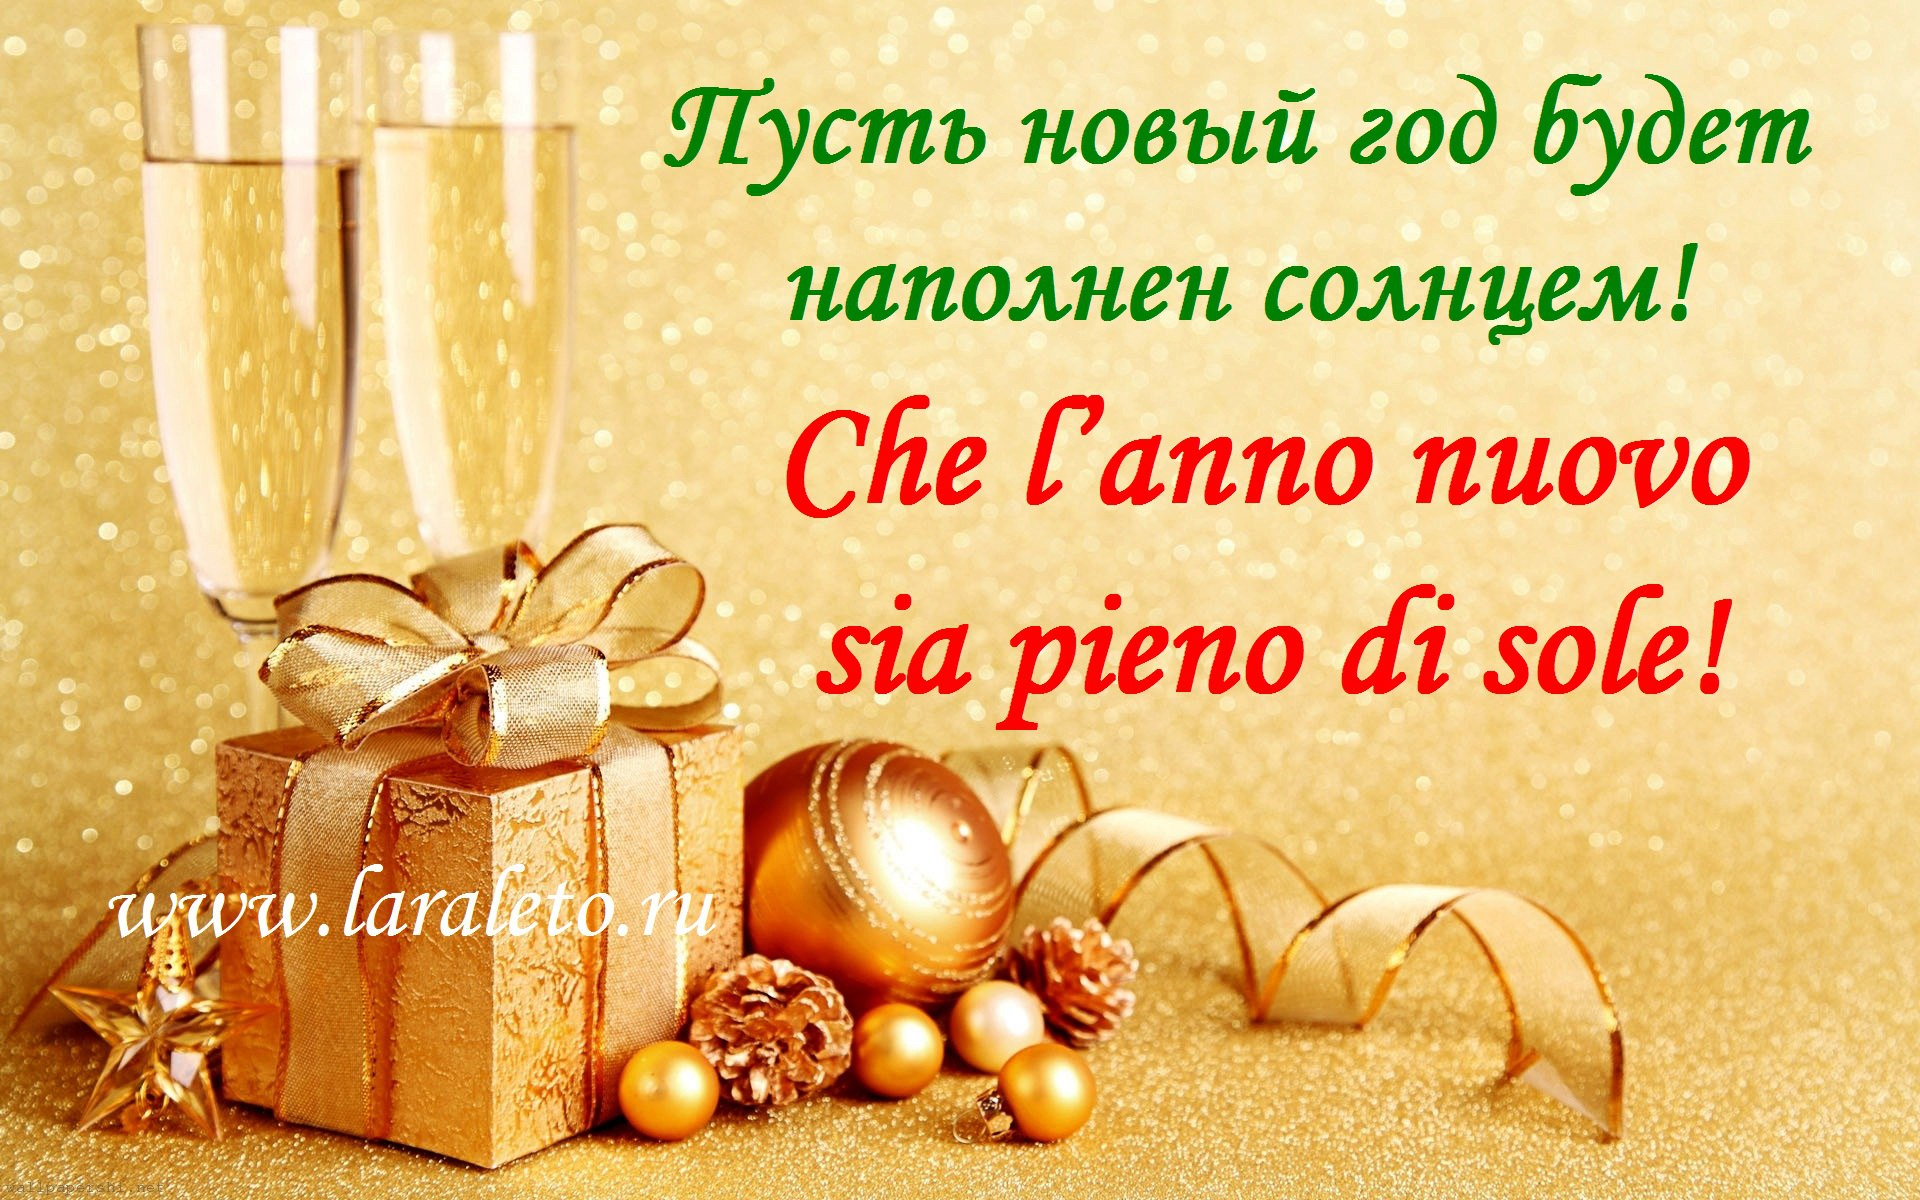 Поздравление с итальянскими словами фото 359